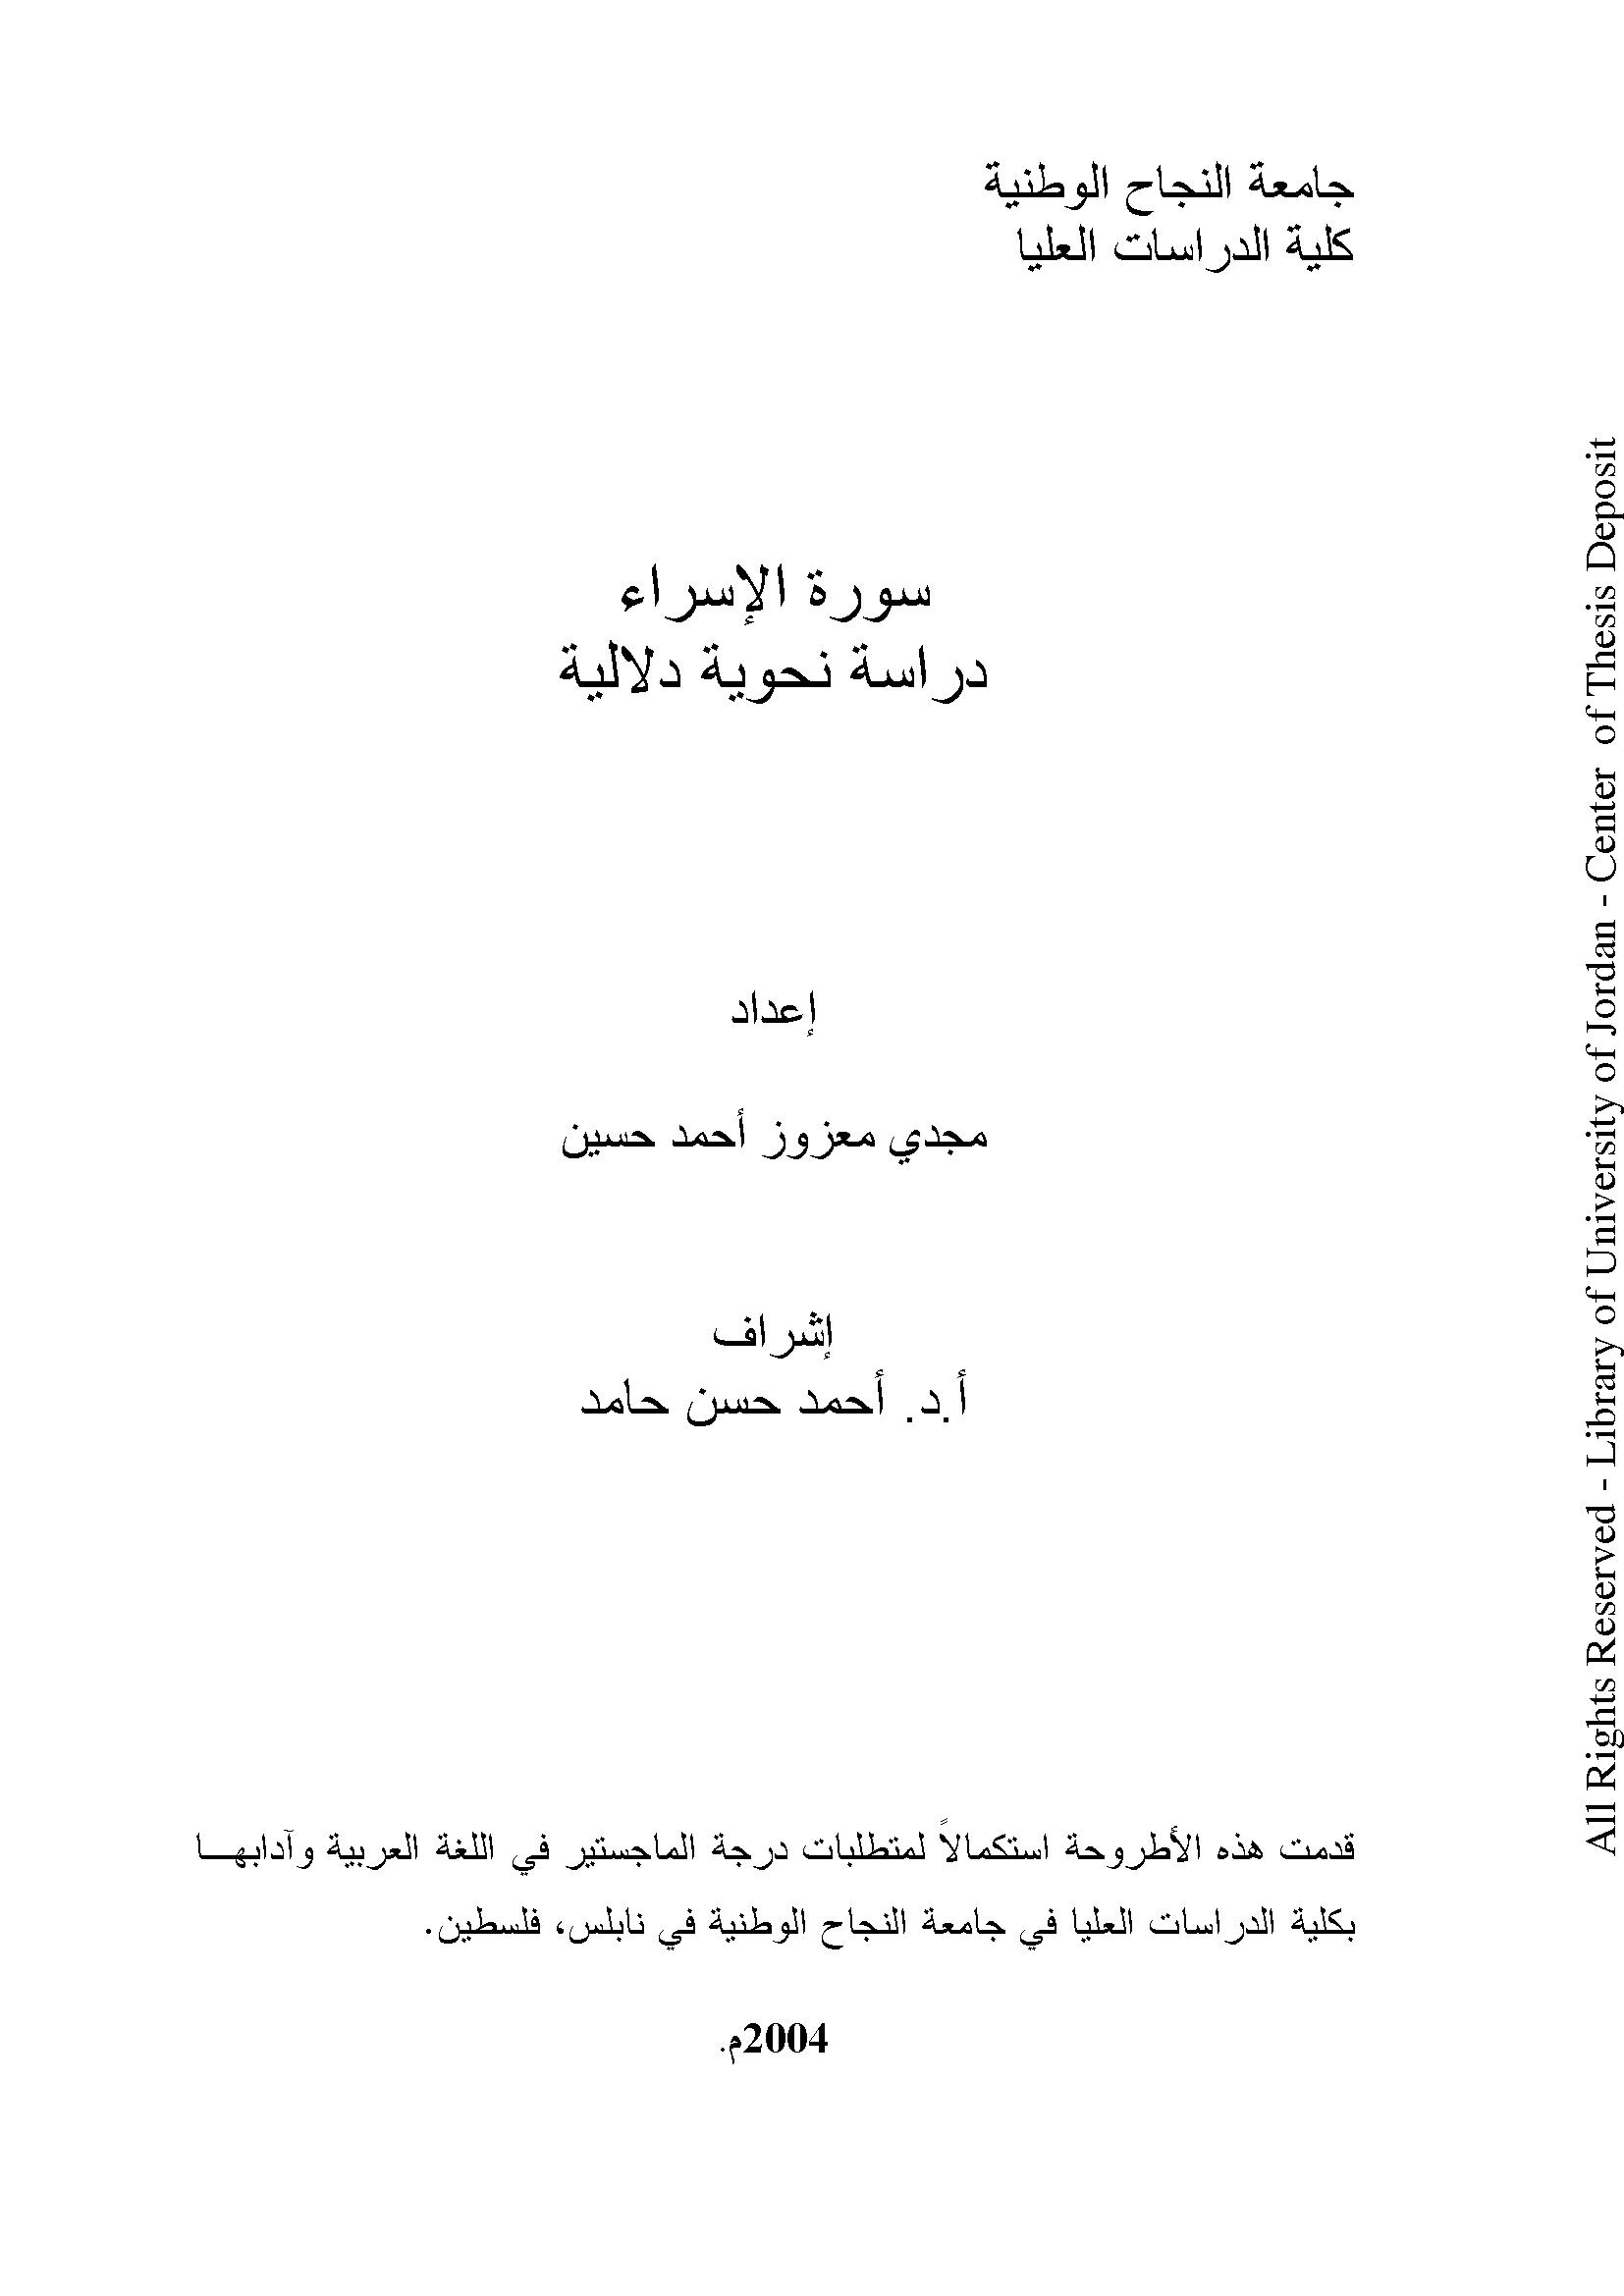 تحميل كتاب سورة الإسراء (دراسة نحوية دلالية) لـِ: مجدي معزوز أحمد حسين